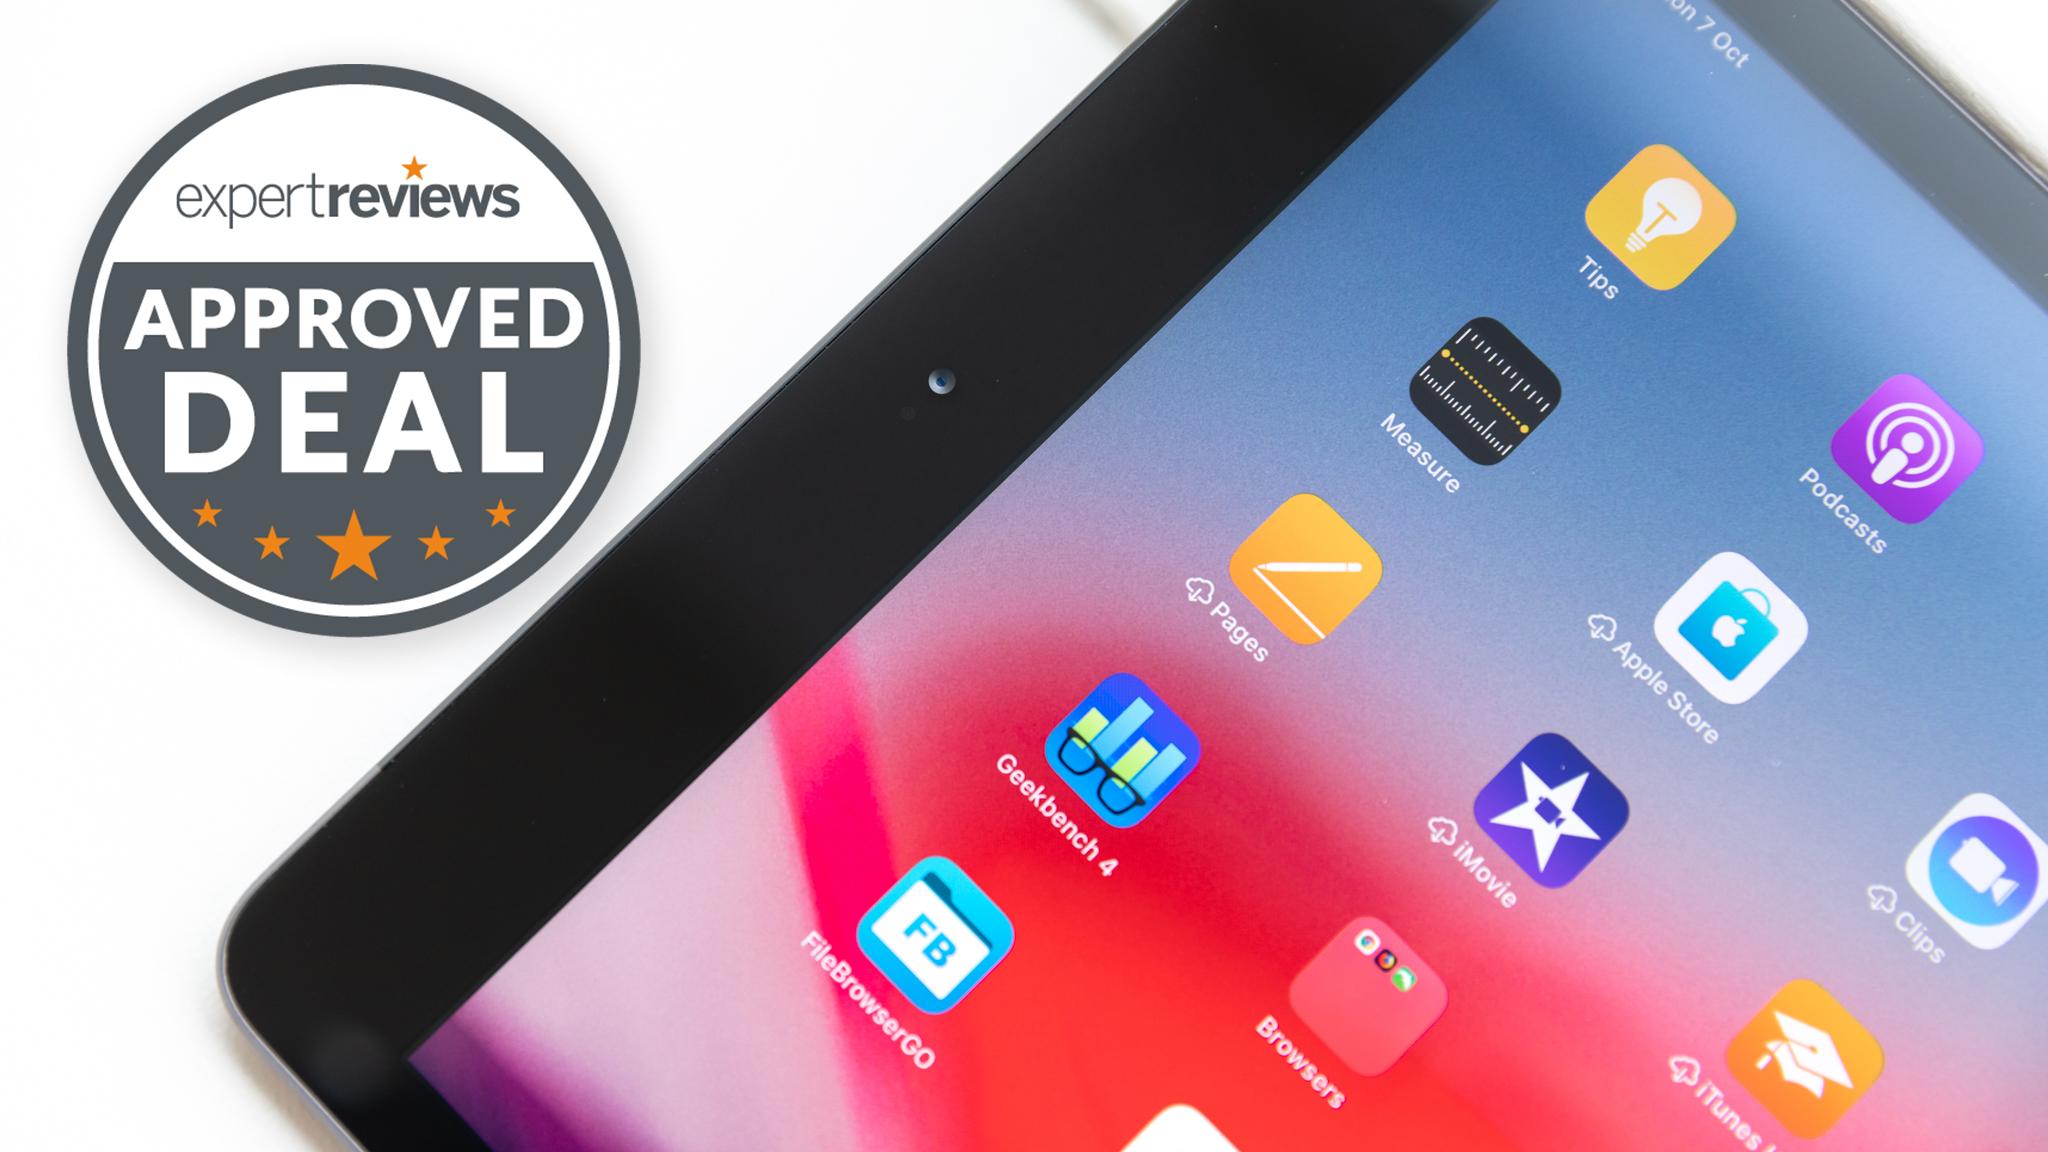 Mới Apple IPad dưới 300 bảng trong thỏa thuận Thứ Sáu Đen này 2